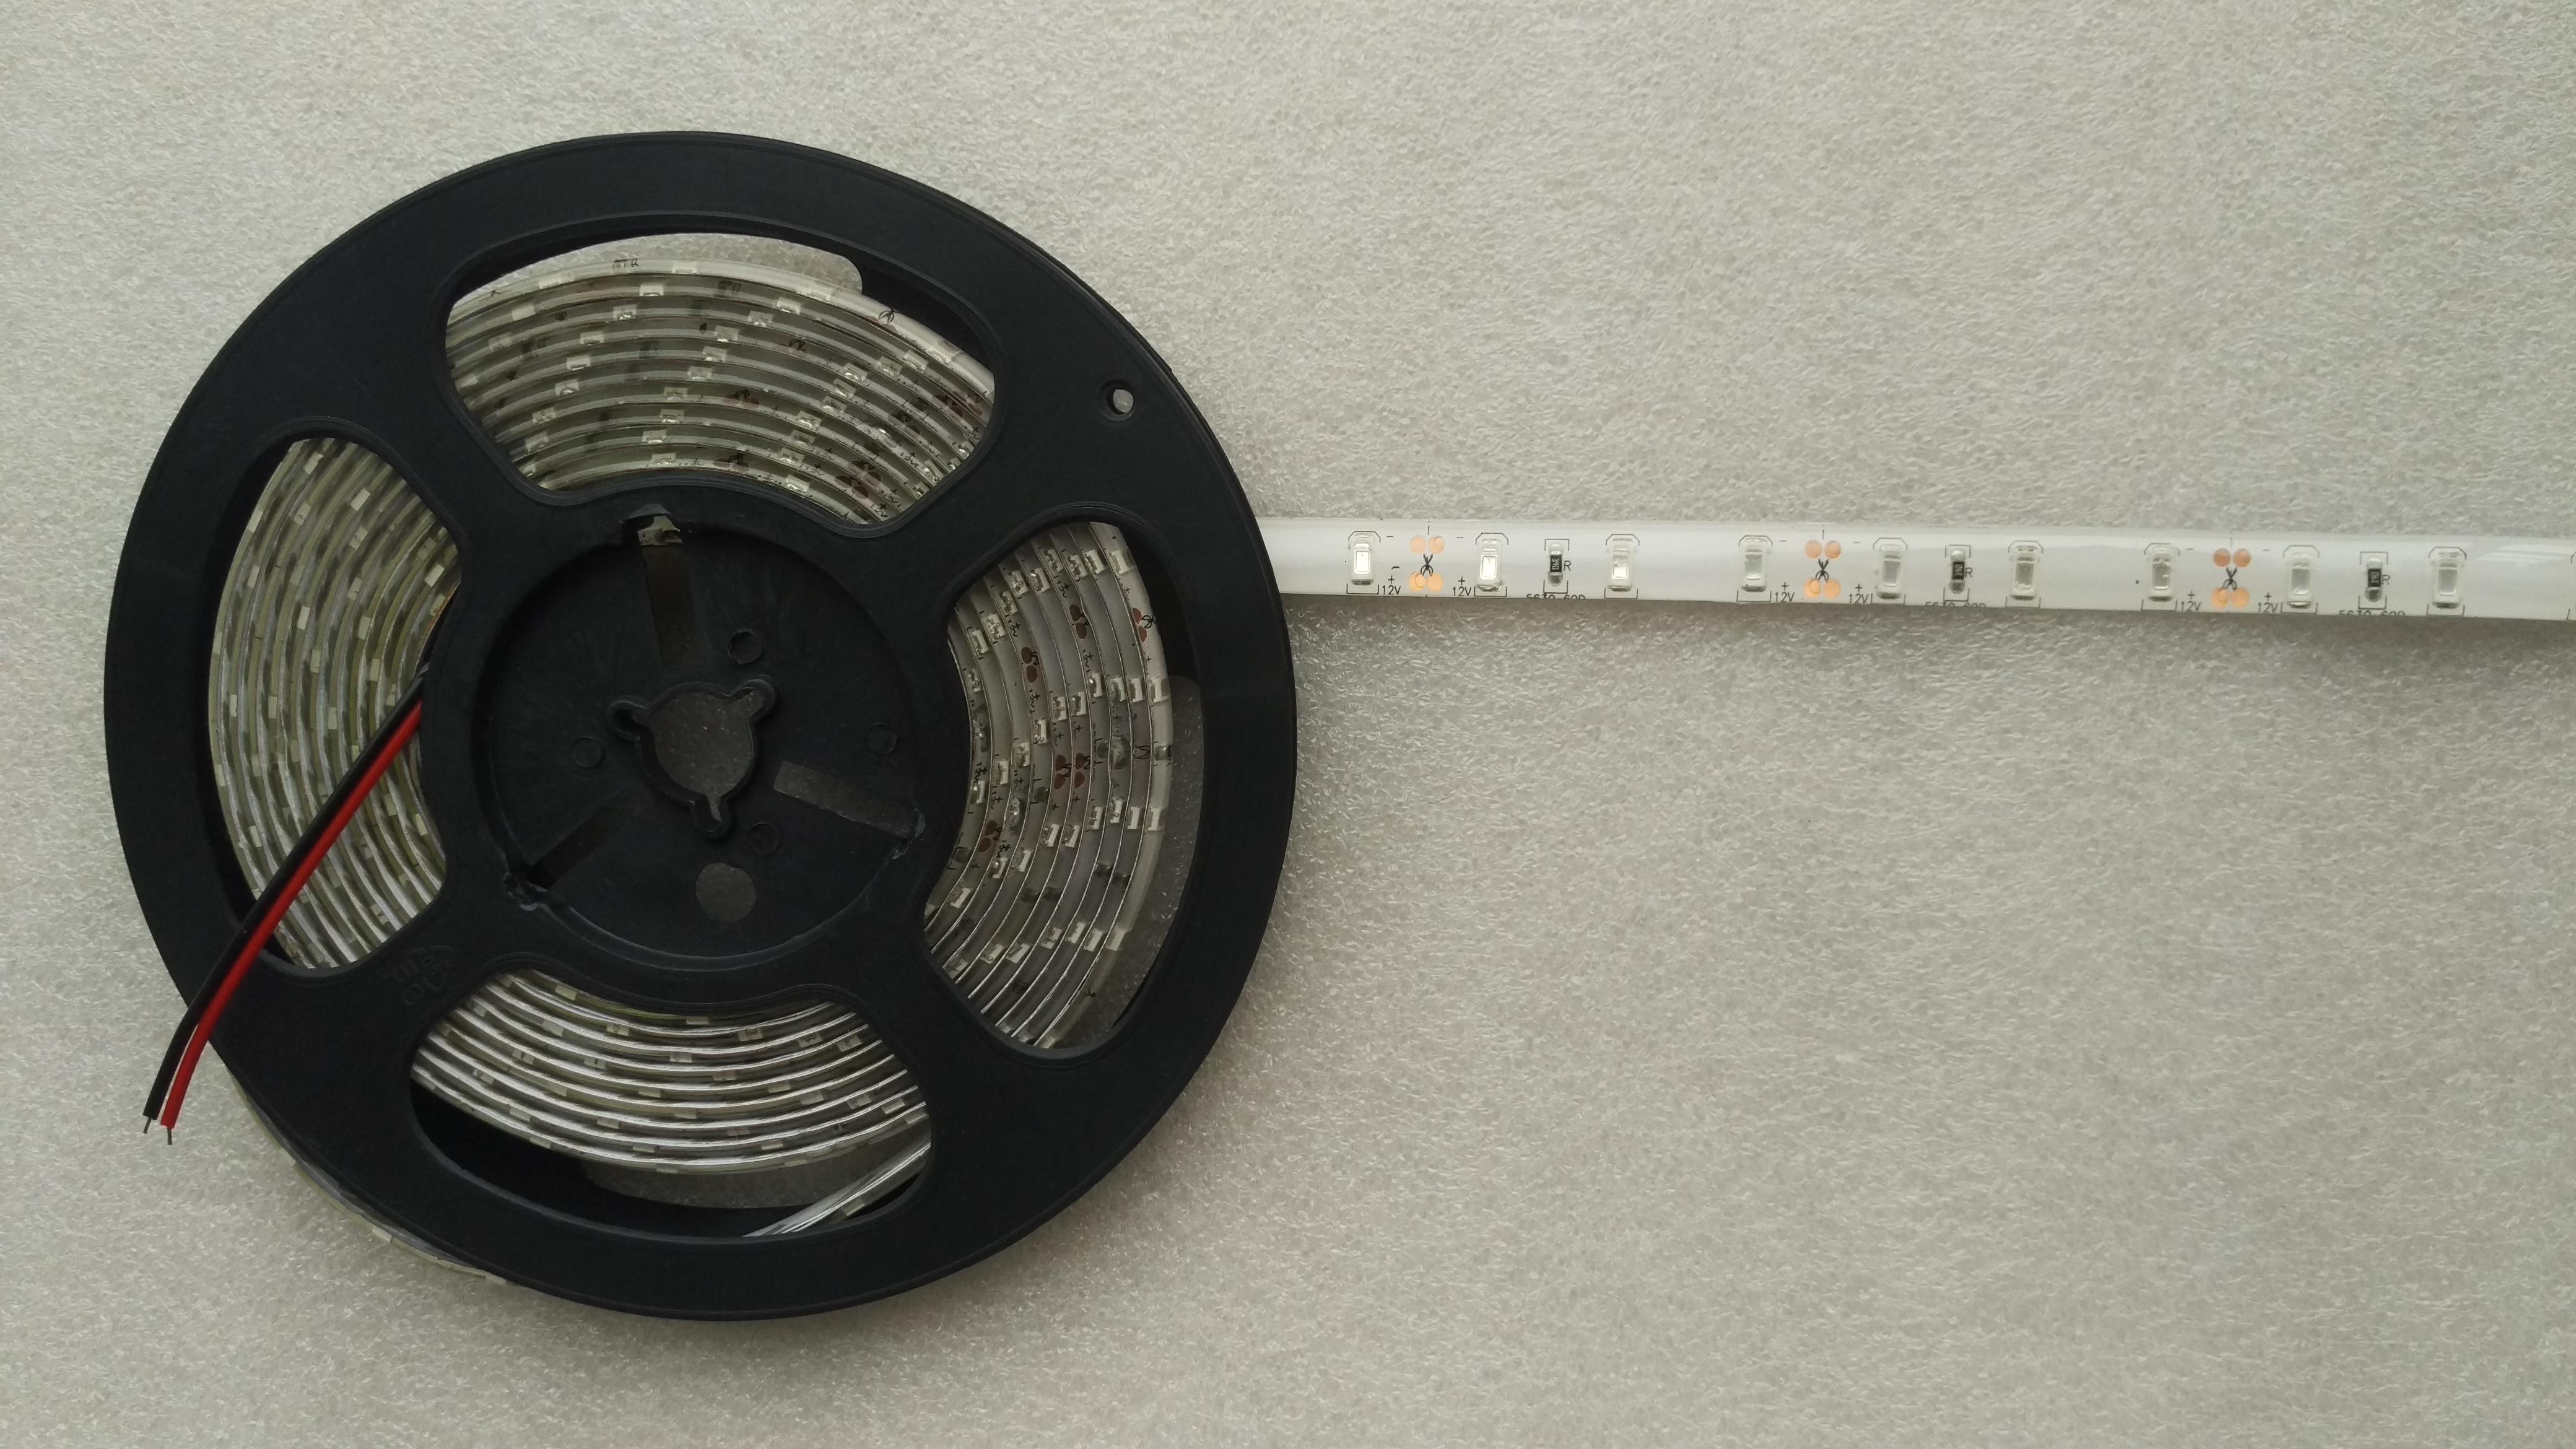 12V 5 meters 300 LEDs IP65 waterproof SMD 5630 5730 blue light LED strip